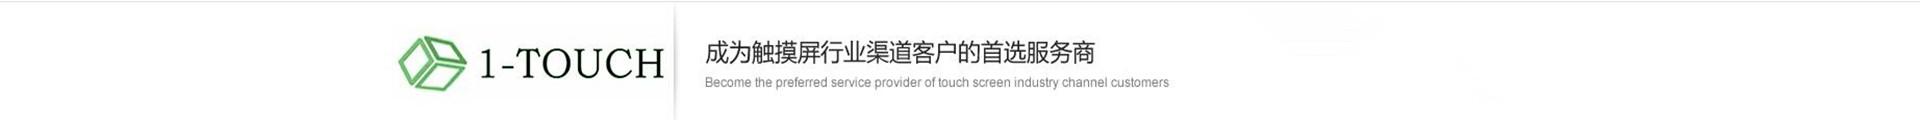 上海依触电子科技有限公司